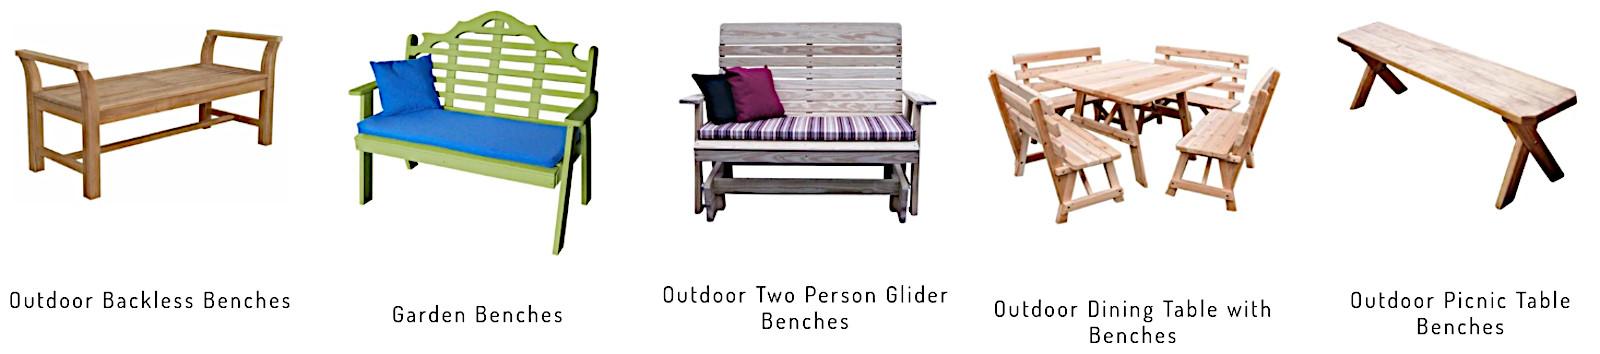 Convenient benches